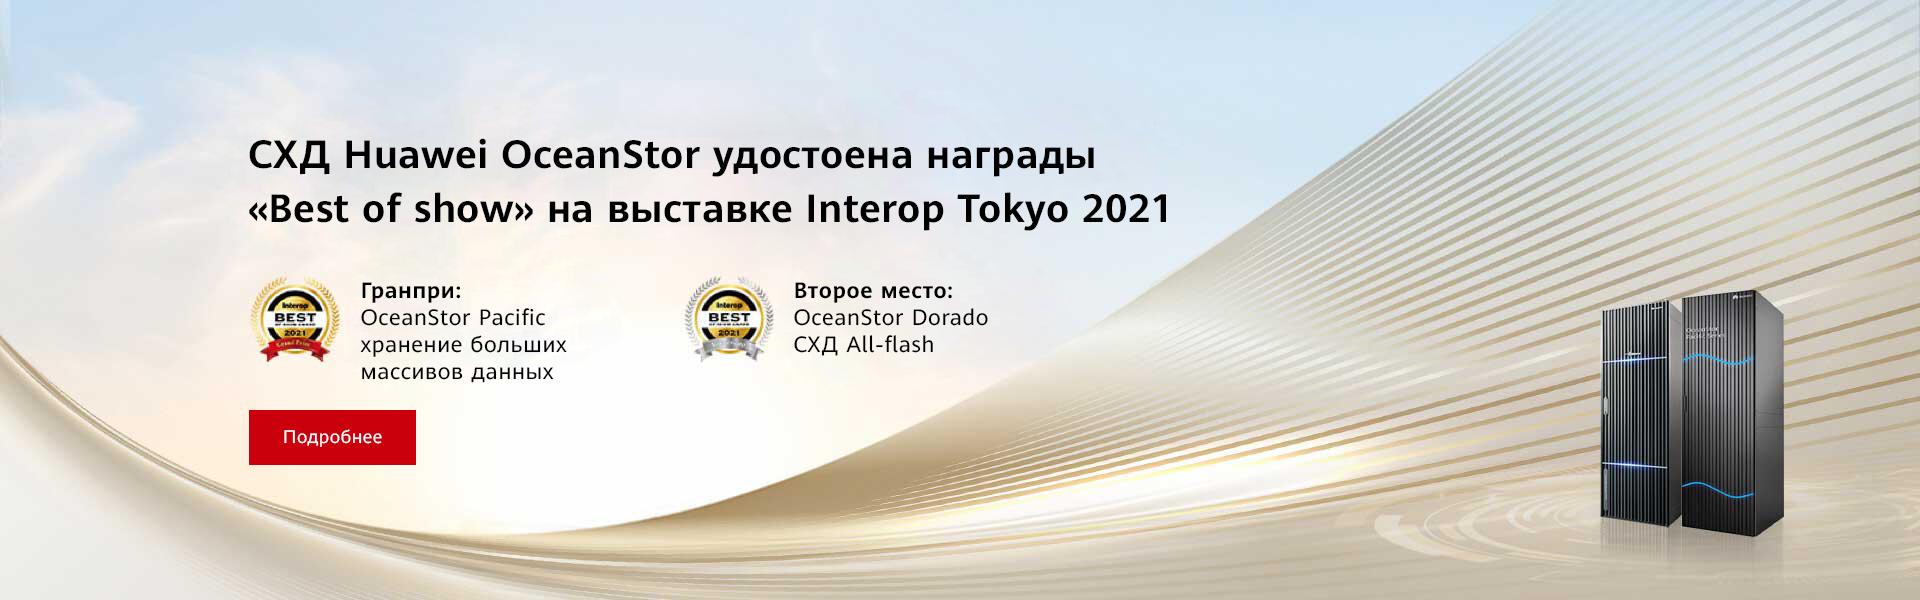 Система хранения Huawei OceanStor удостоена награды Best of Show Award на выставке Interop Tokyo 2021_bg